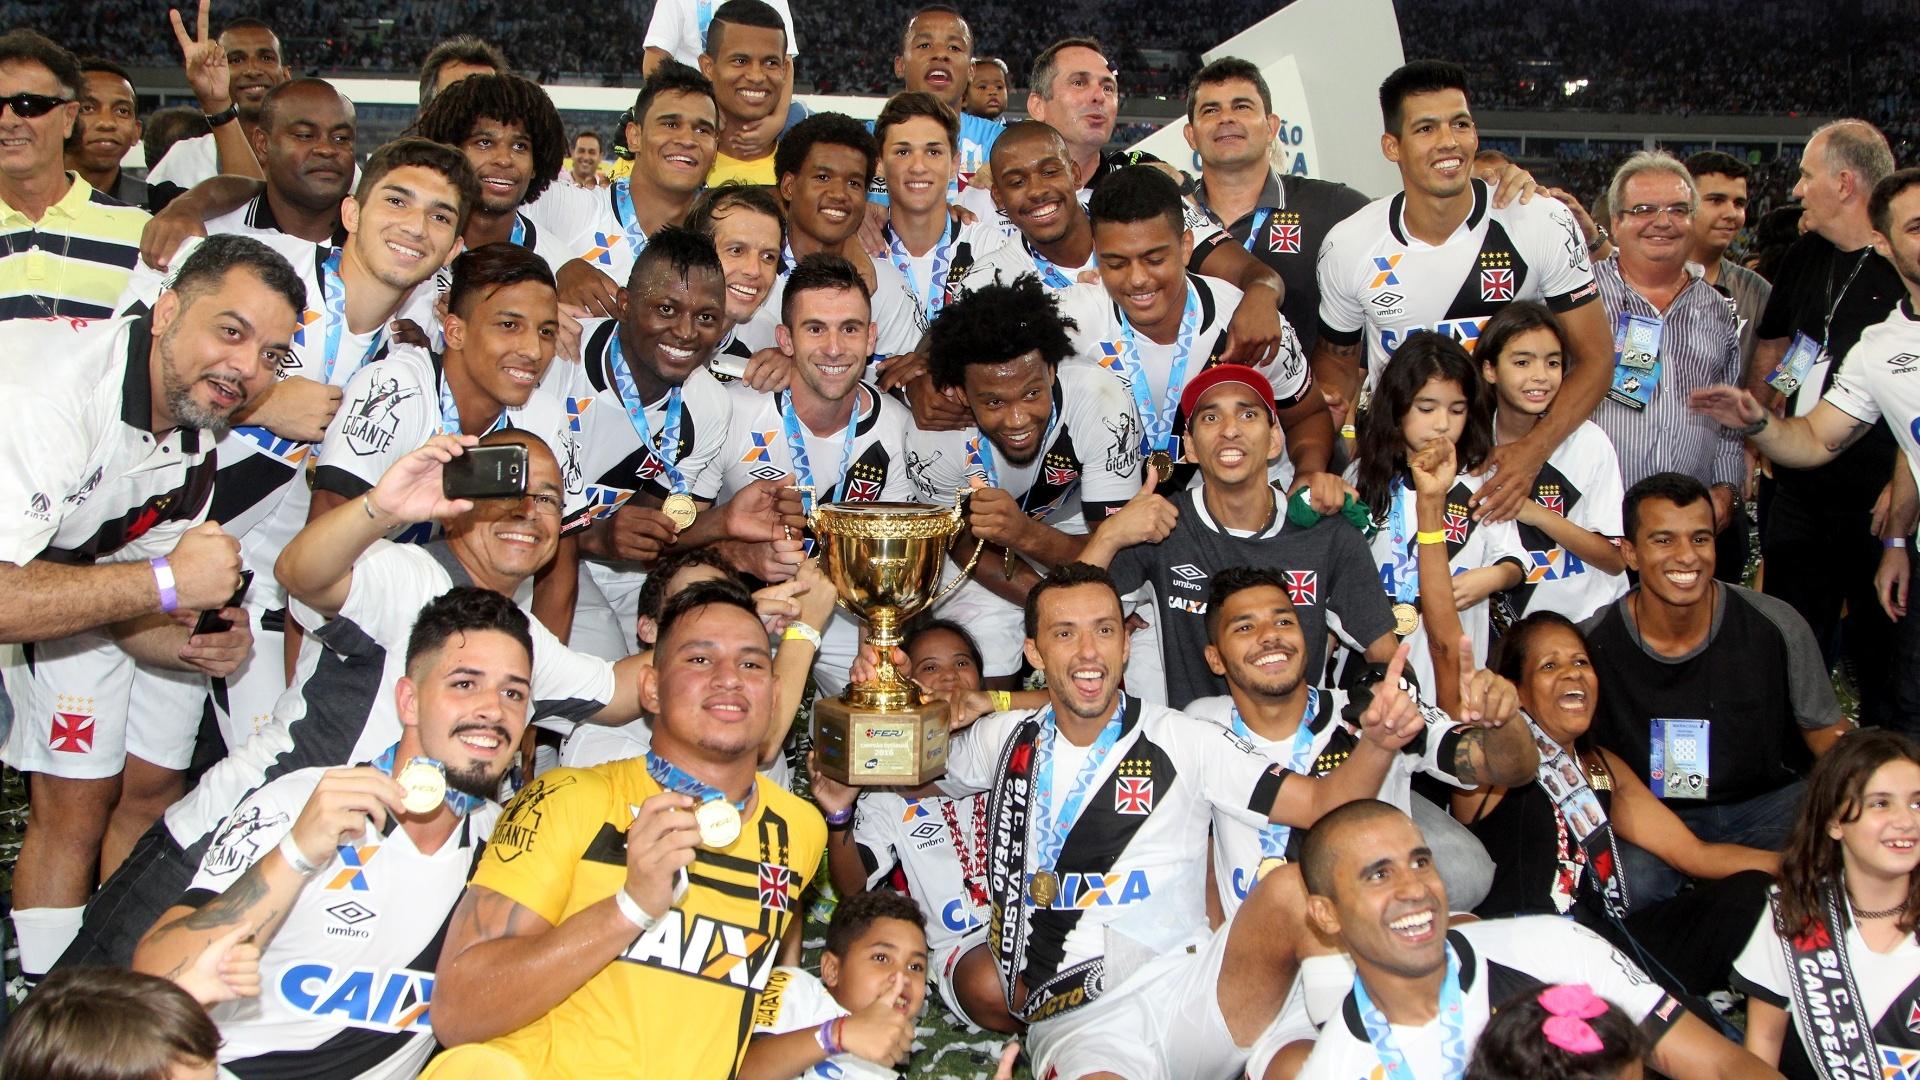 Jogadores do Vasco da Gama comemoram conquista do Campeonato Carioca 2016